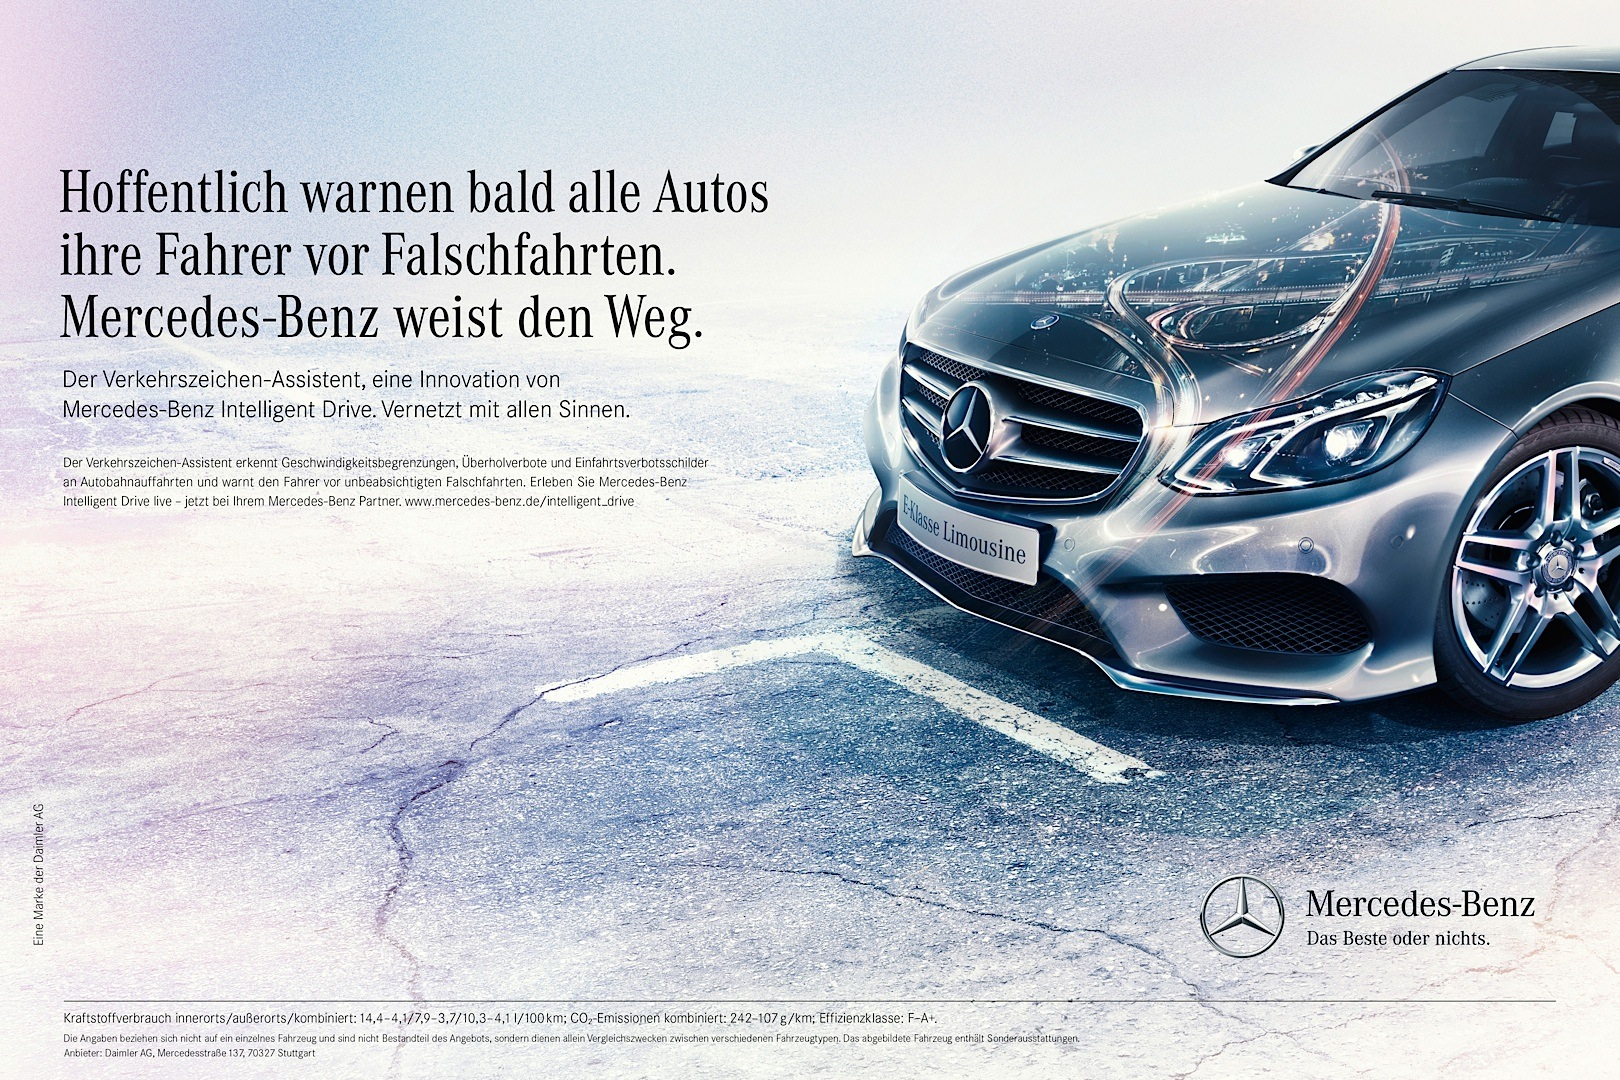 Michael Schumacher To Star In Mercedes Benz Quot Intelligent